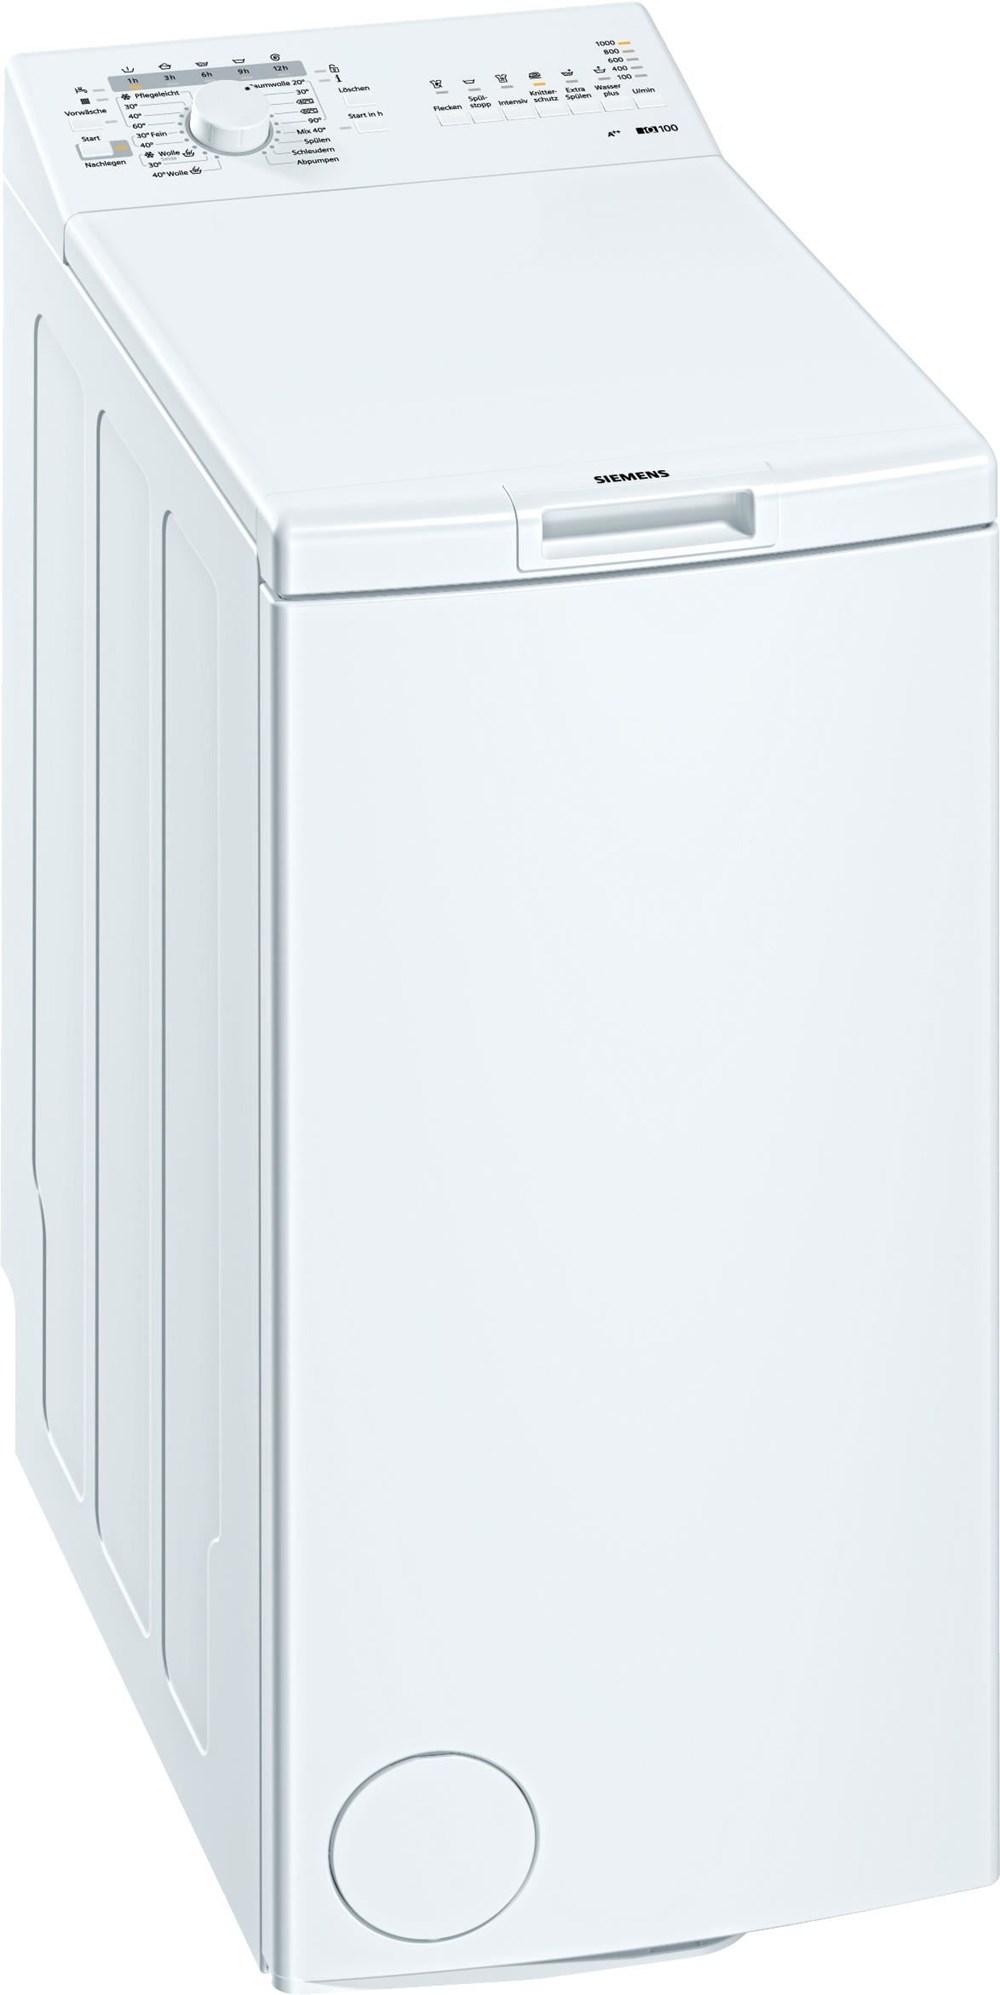 Siemens WP10R156 A++ Waschvollautomat (EEK: A++) - Preisvergleich